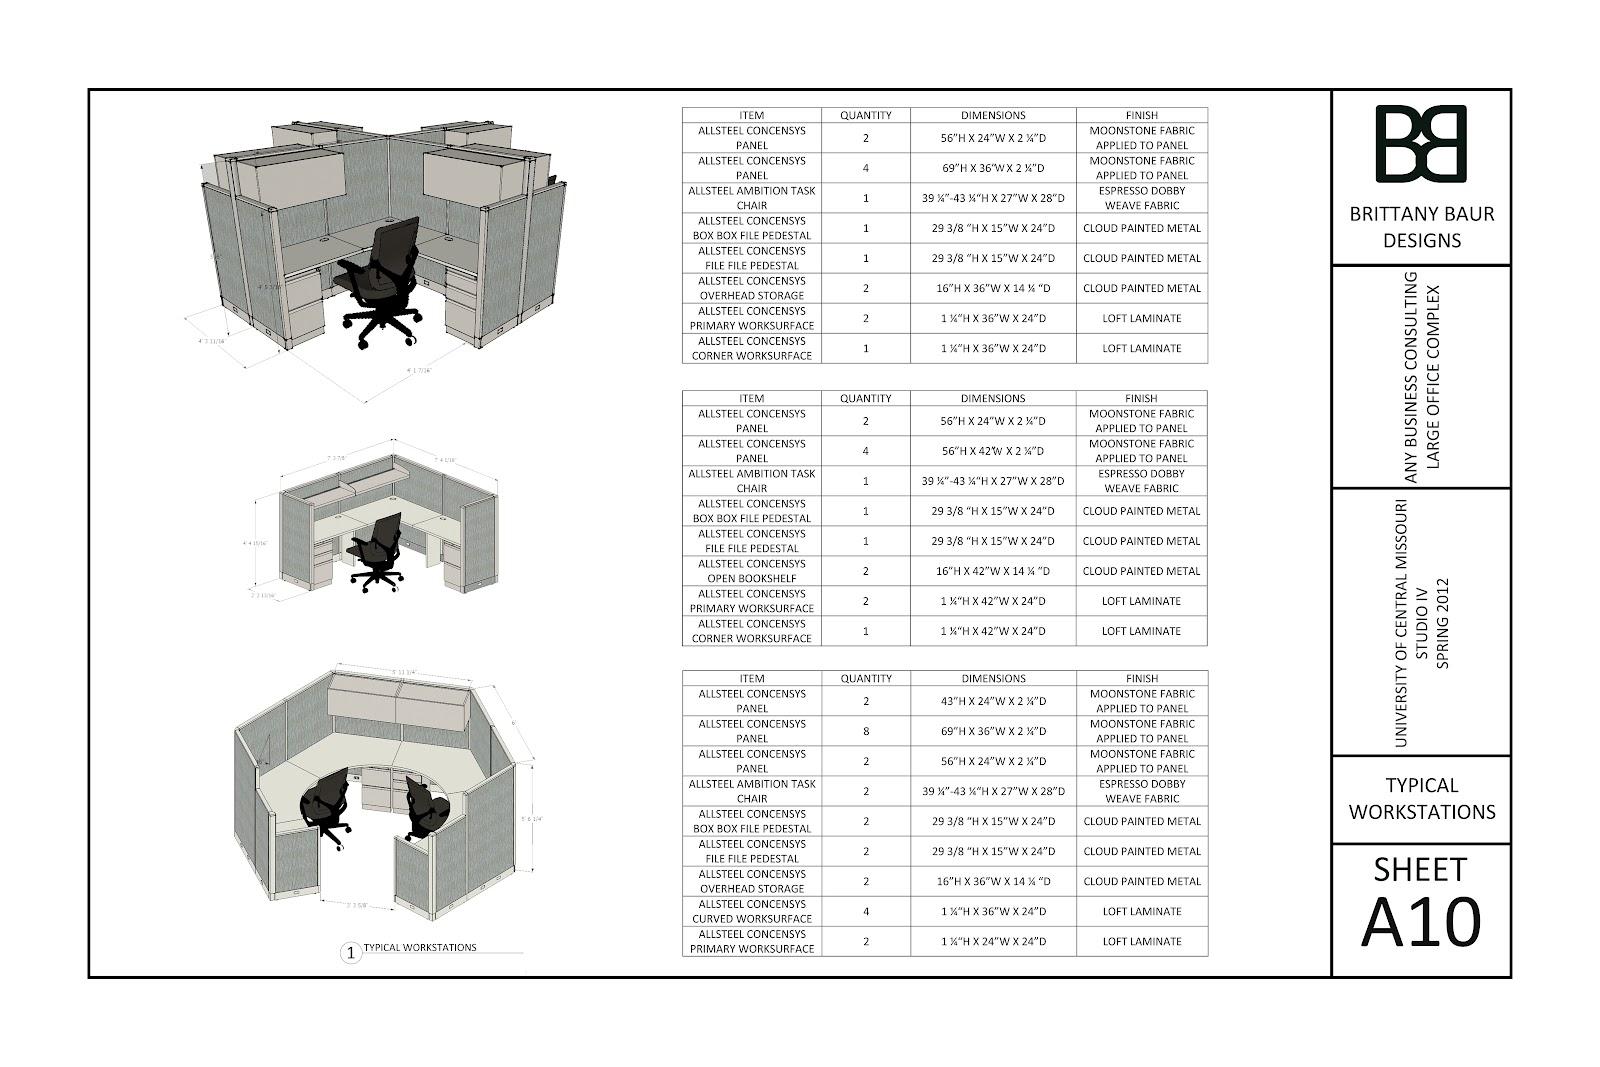 Brittany Baur Designs: Interior Design Work